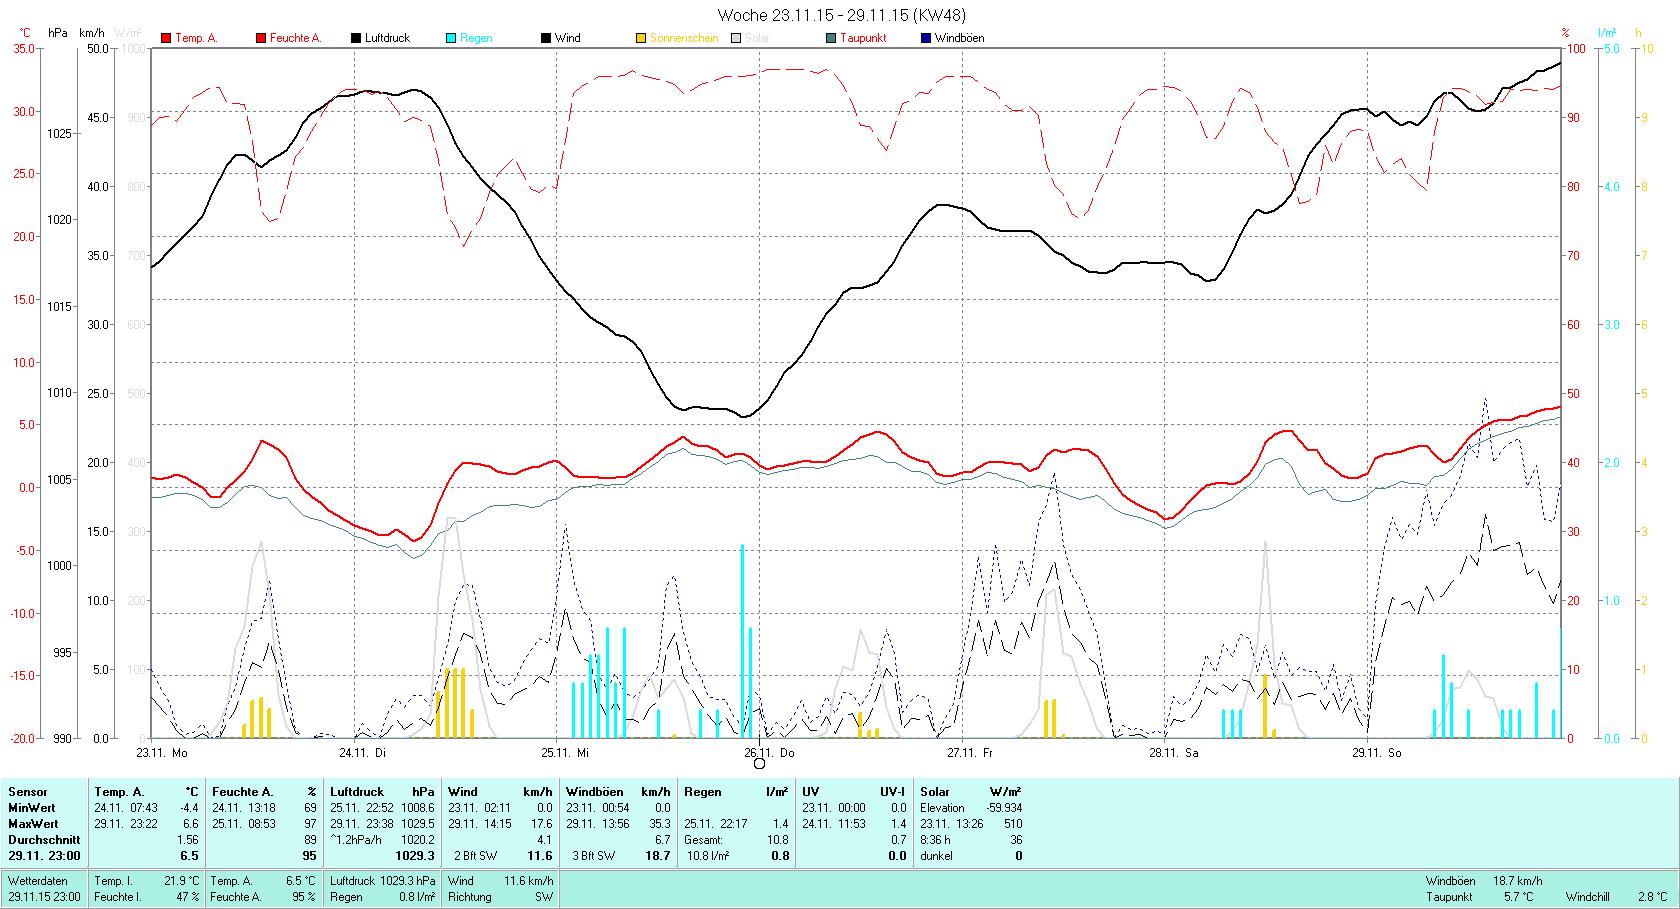 KW 48 Tmin -4.4°C, Tmax 6.6°C, Sonne 08:36h, Niederschlag 10.8mm/2